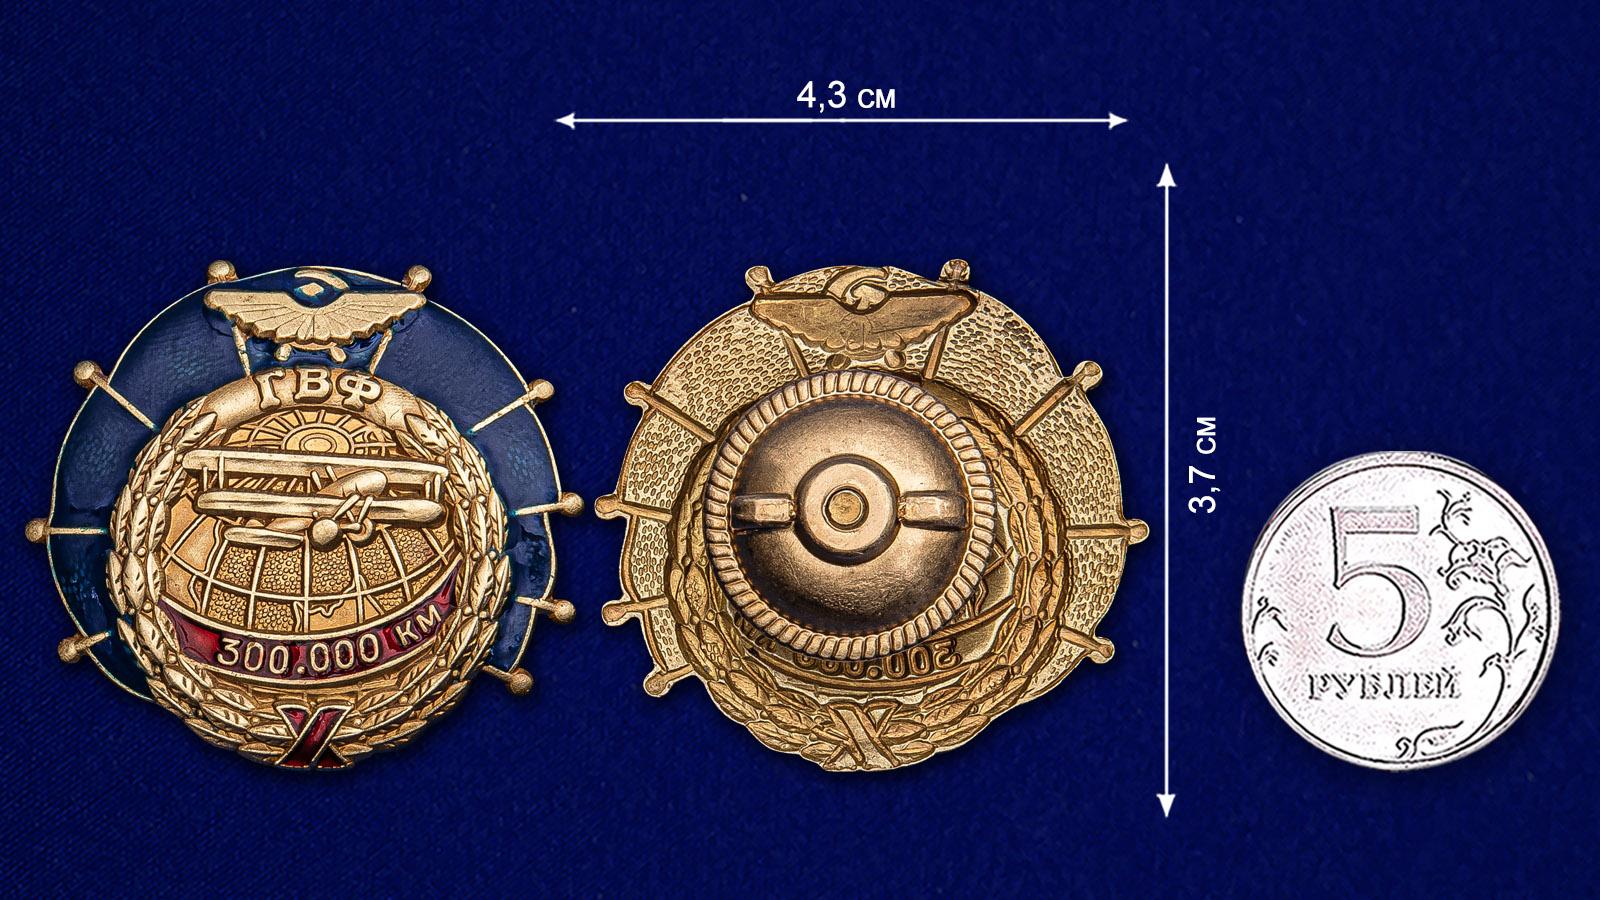 Памятный знак ГВФ По-2 За налет 300 тыс. км - сравнительный вид